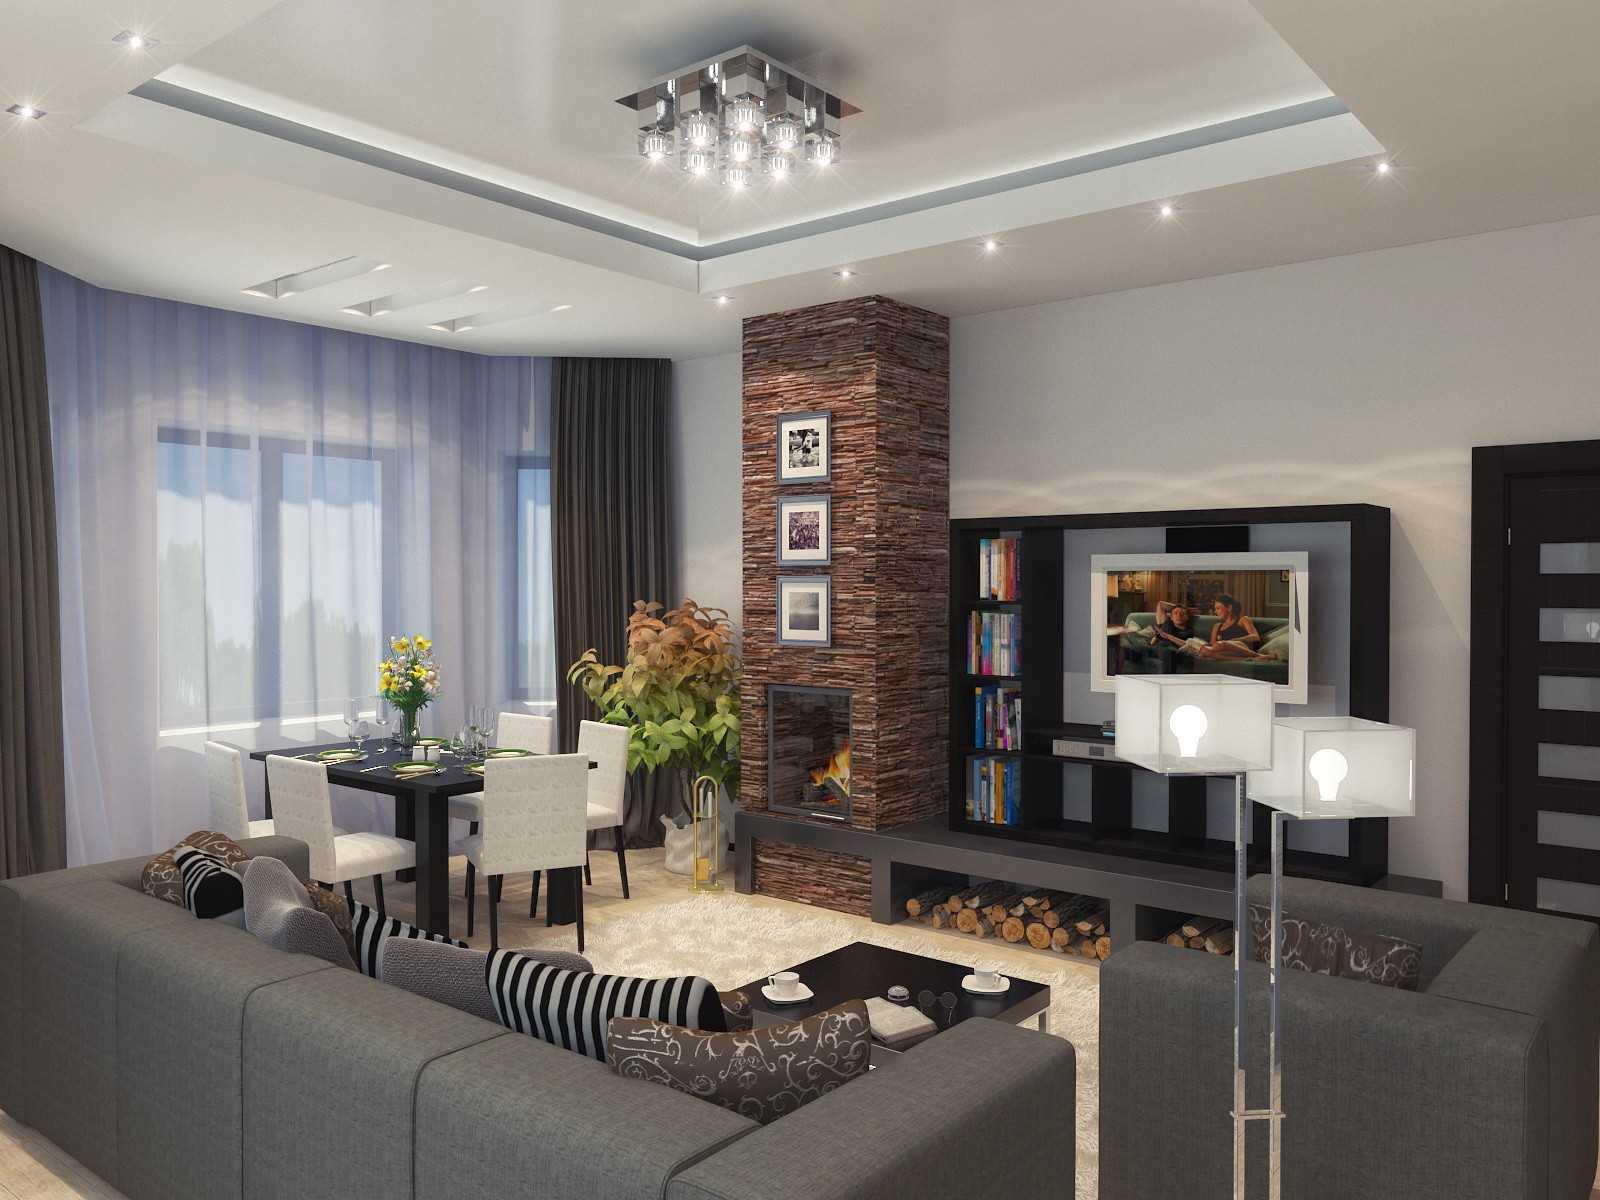 интерьер гостиной в частном доме фото